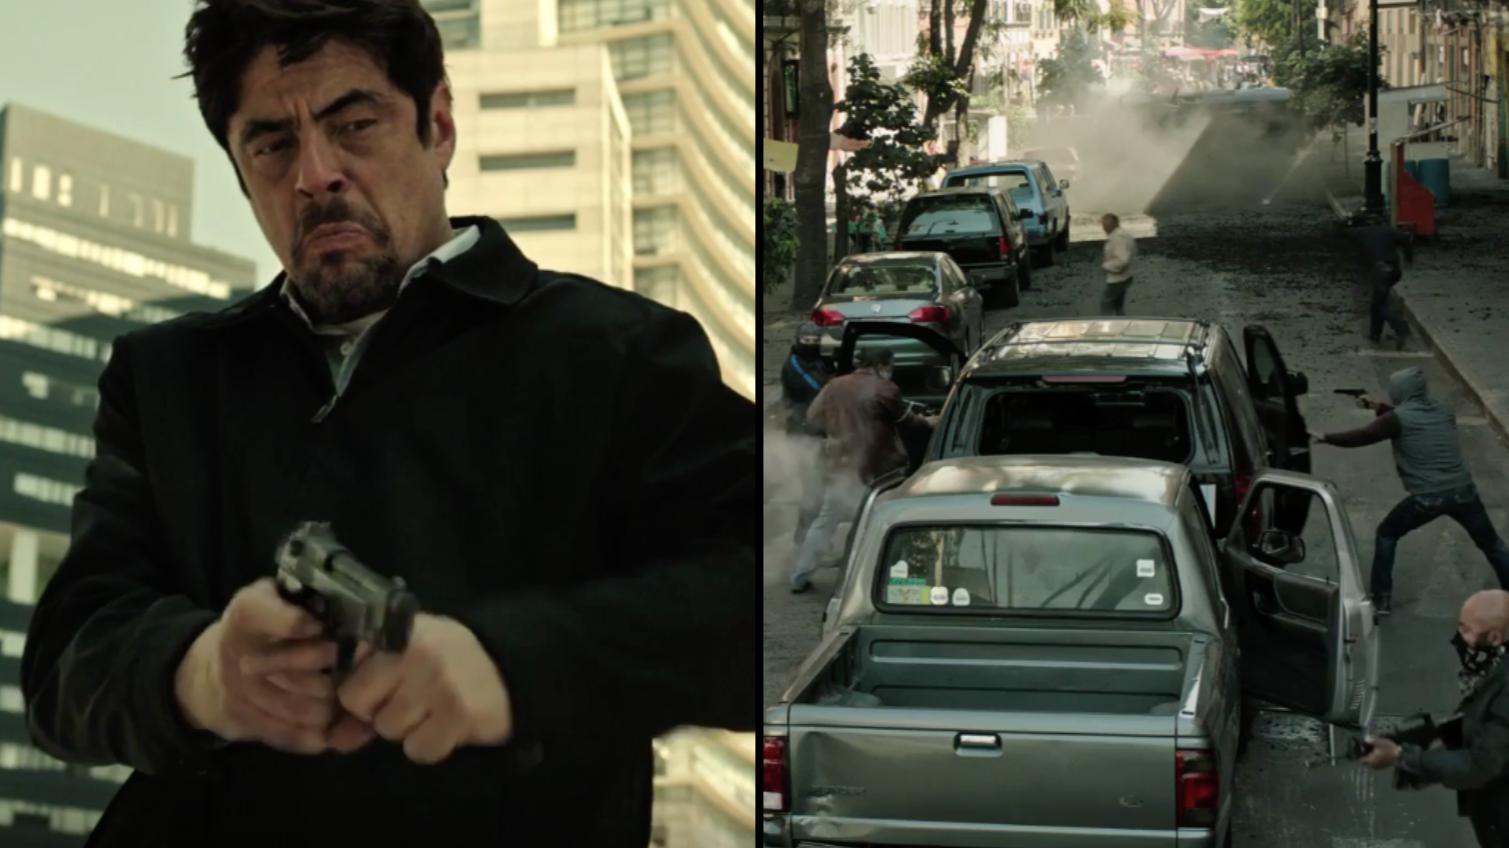 Benicio Del Toro Returns In Trailer For Sicario 2: Soldado